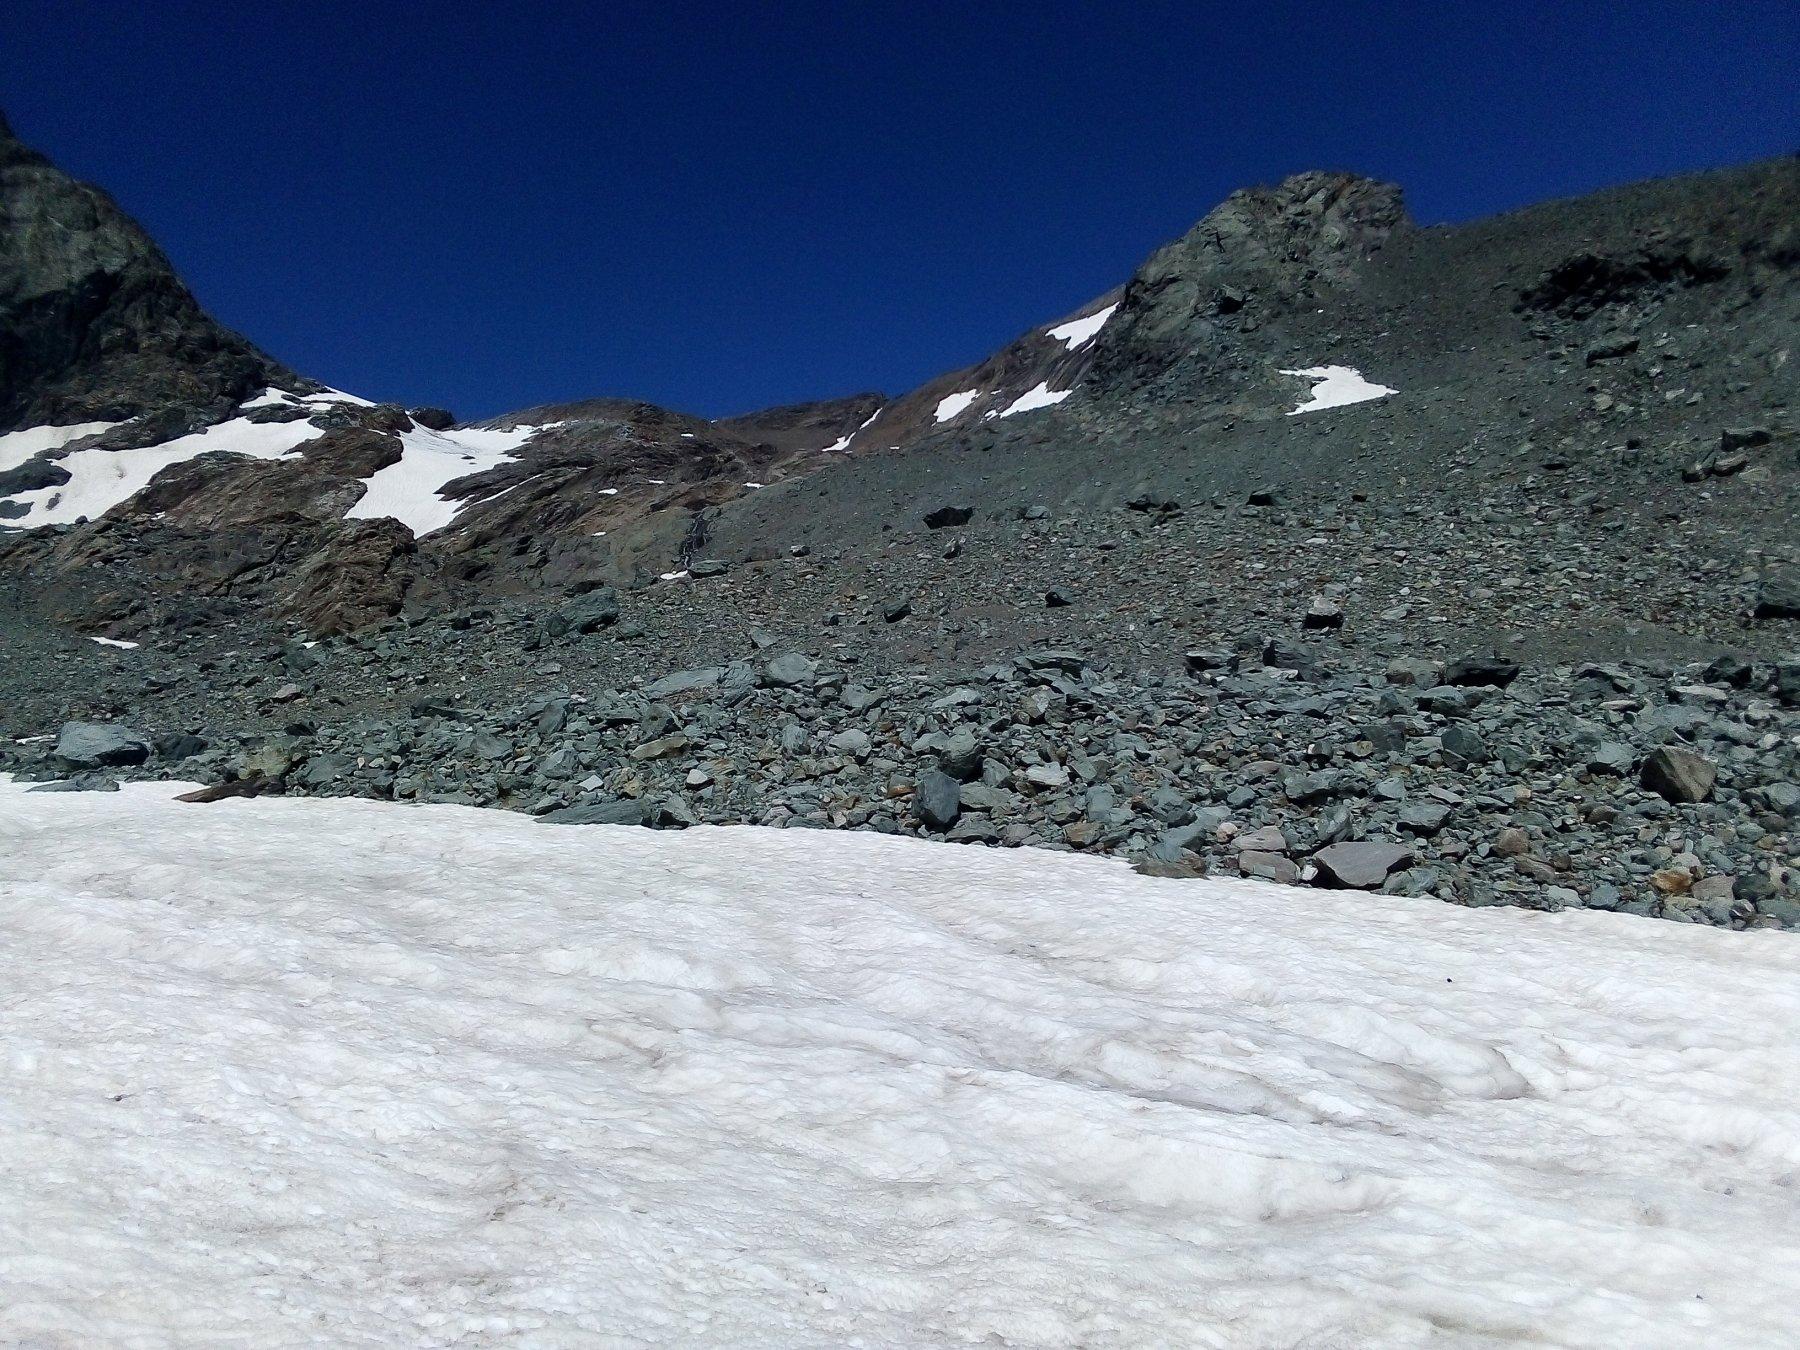 Dal Pian Gias, al centro il valloncello che abbiamo risalito alla destra dei pezzi rimasti del ghiacciaio del Collerin (puntando sui detriti alla destra delle cascatelle).